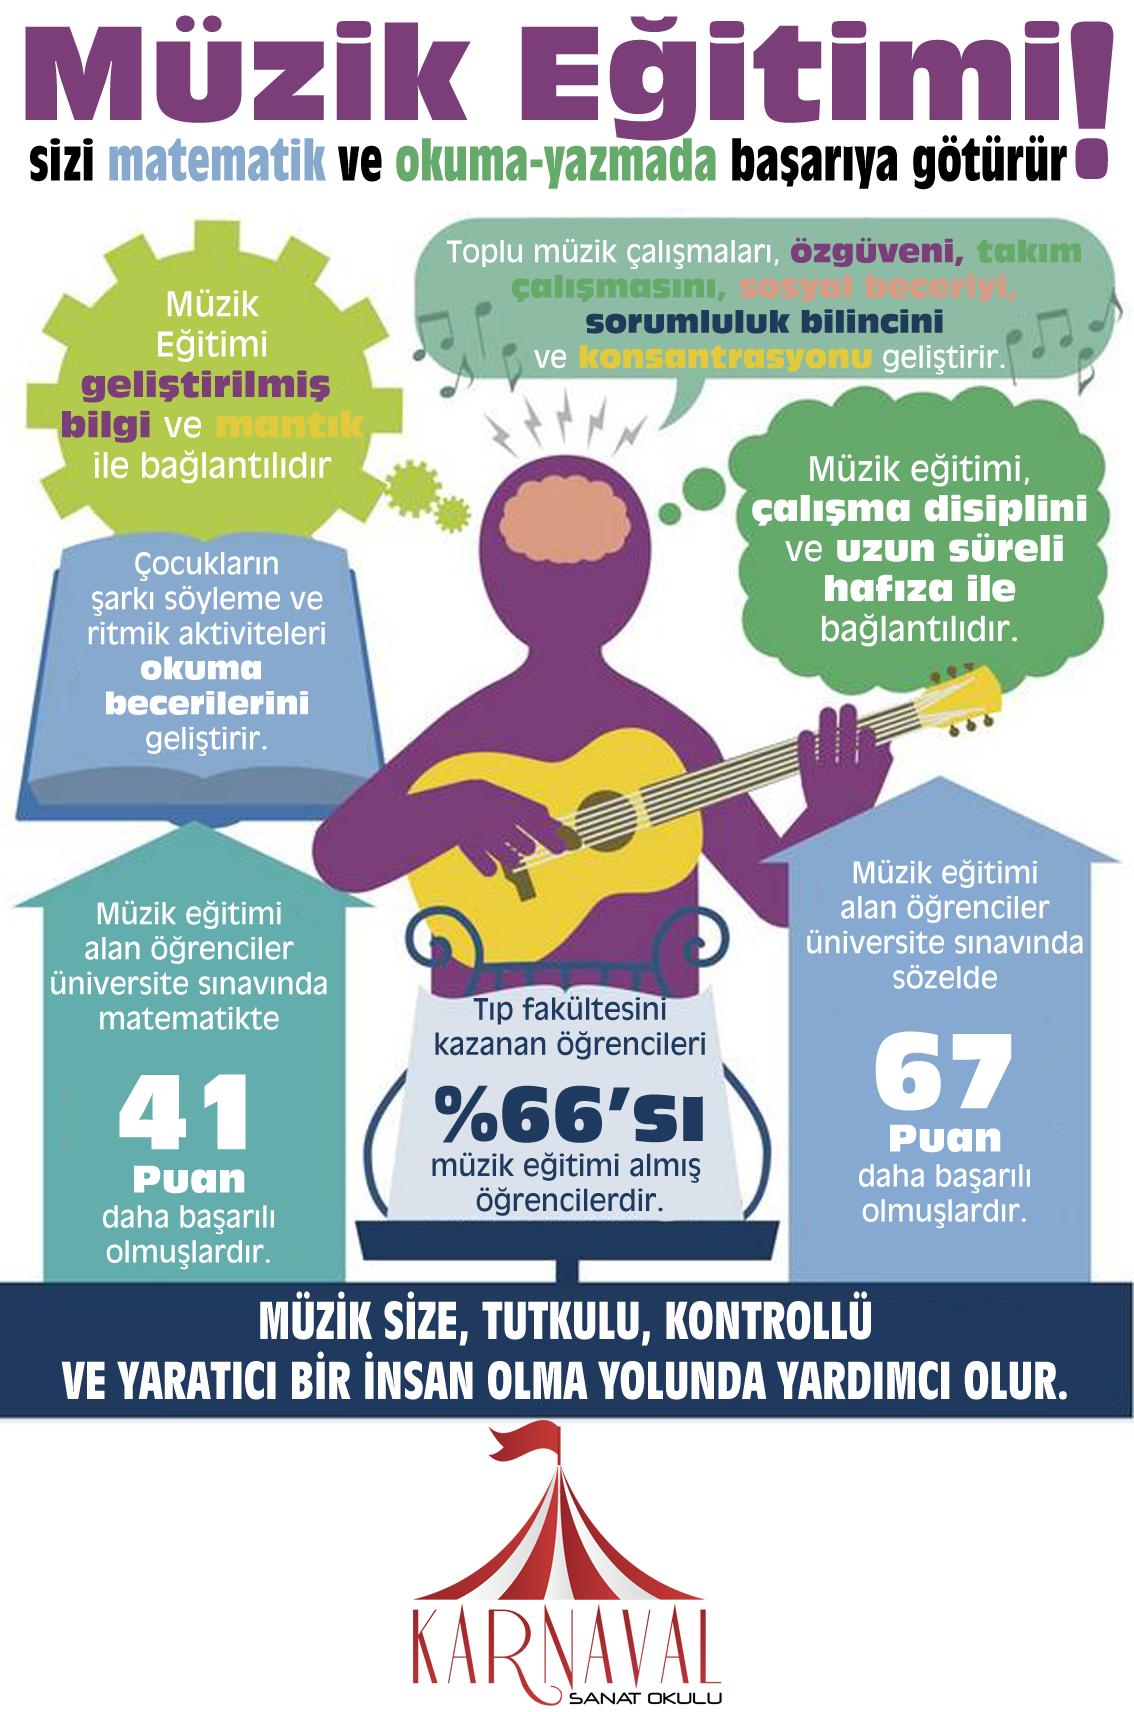 Müzik Eğitimi Matematik Okuma Yazma